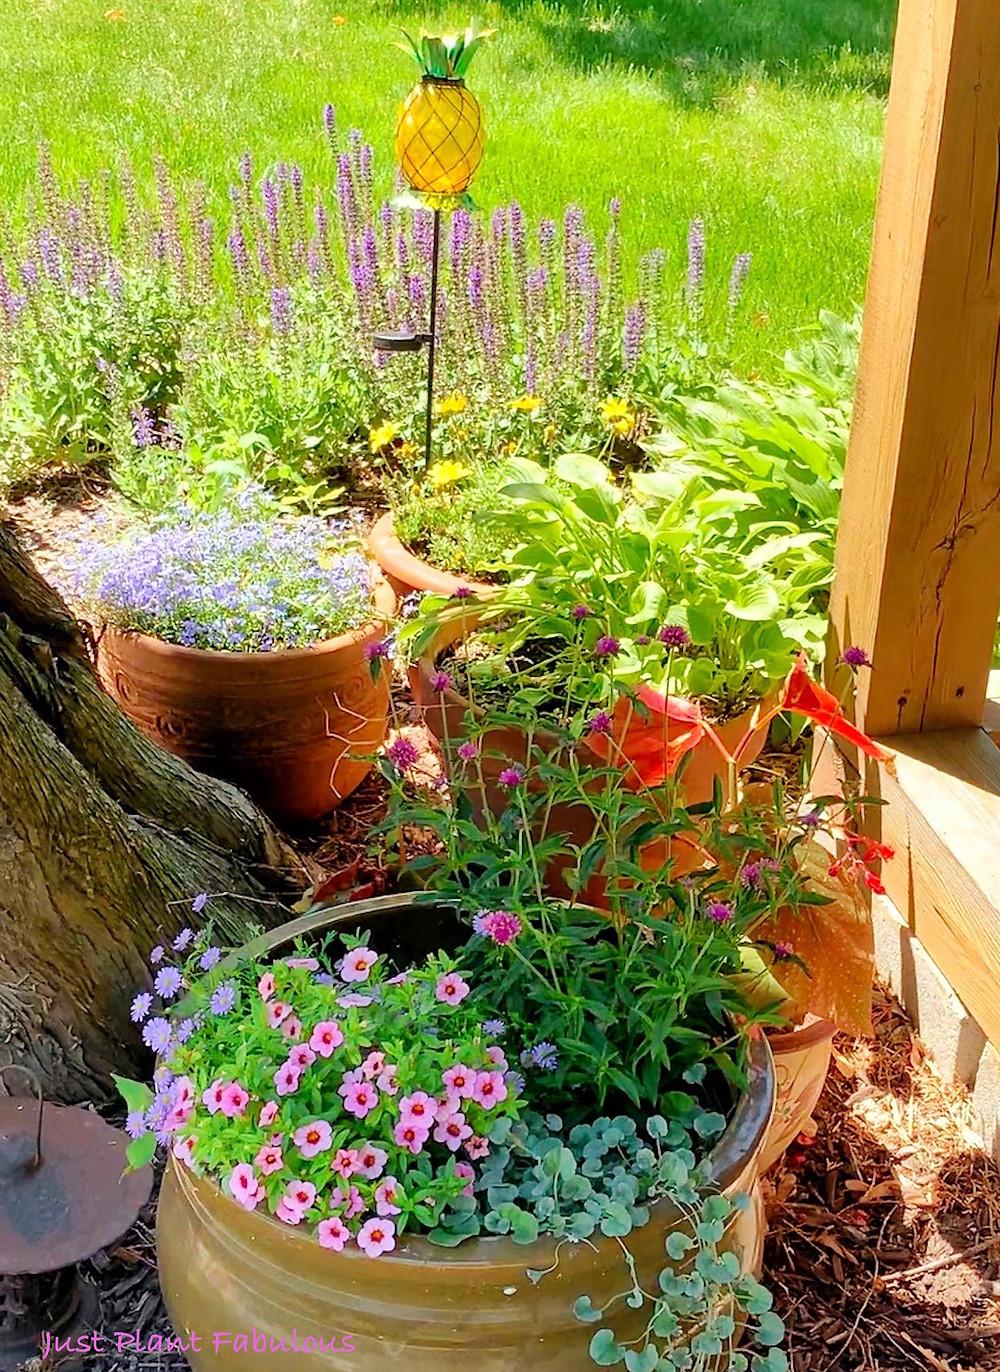 flowering plants in pots in back yard